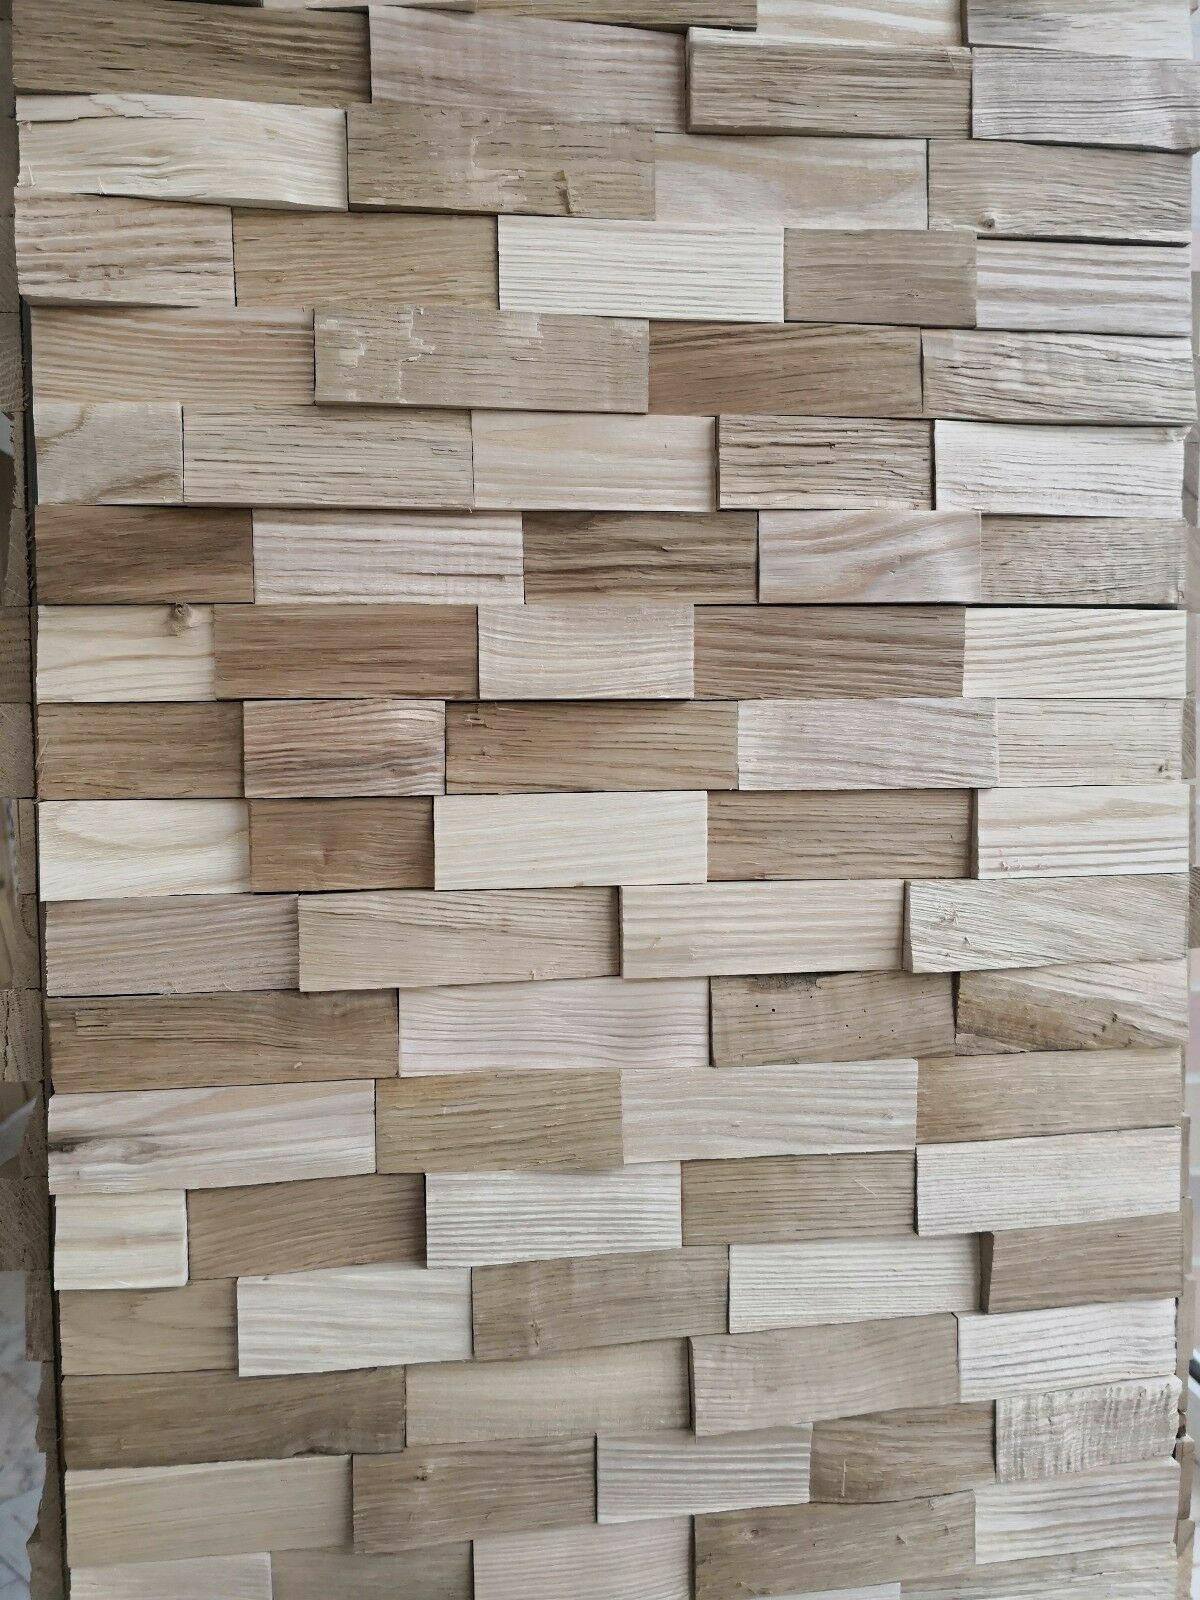 Holz Wandverkleidung Wand- Verblender, Wand Verkleider Holz-Paneele  | Die Die Die Farbe ist sehr auffällig  a0f942